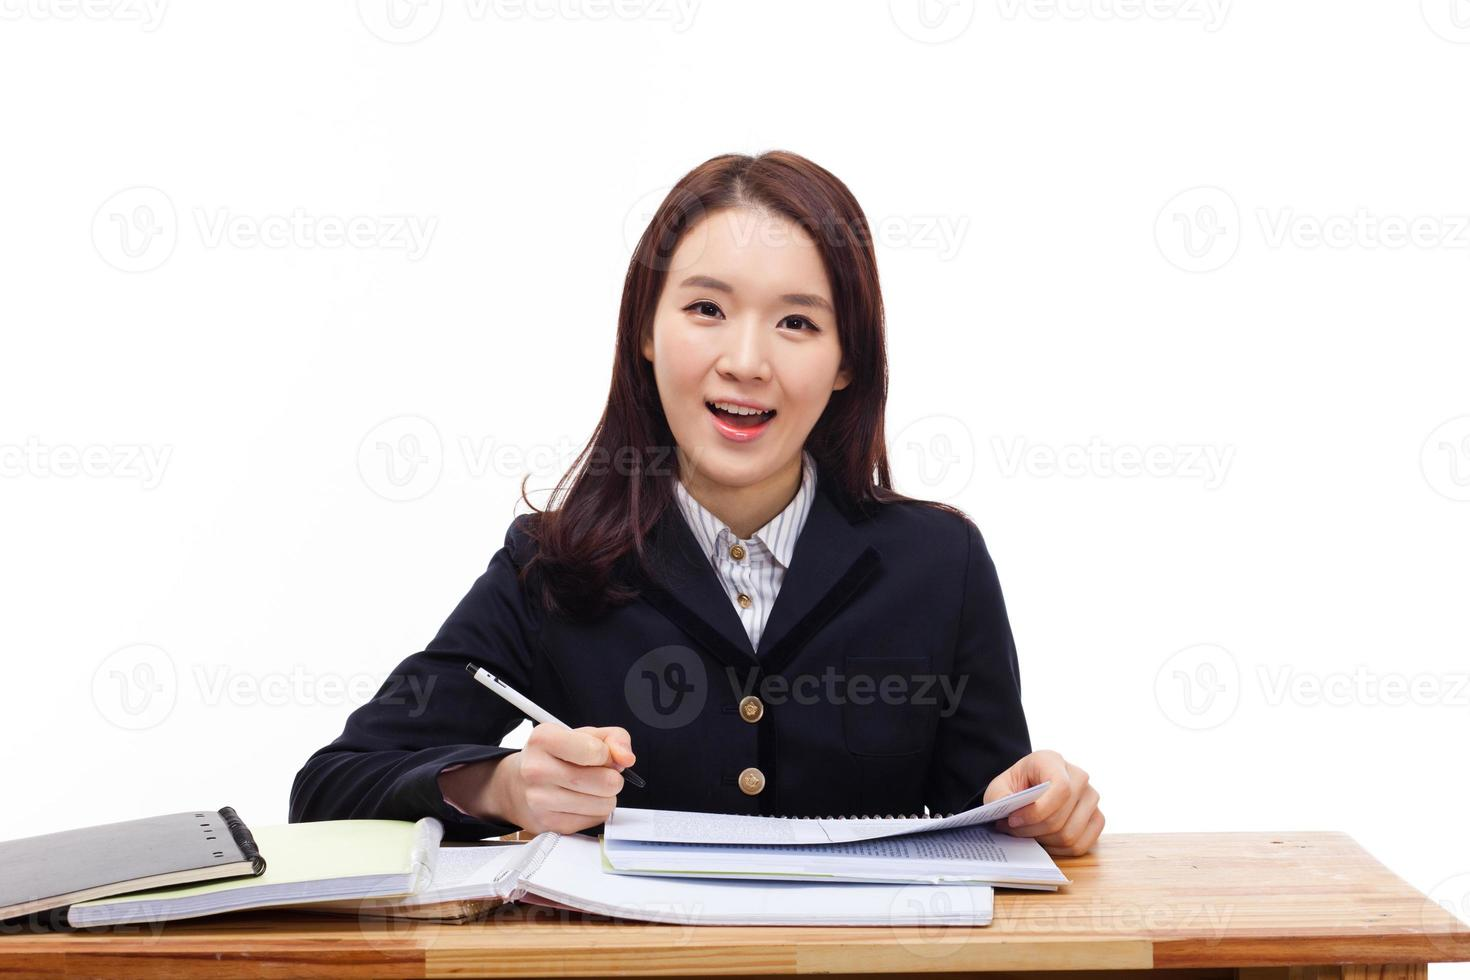 giovane studentessa asiatica foto